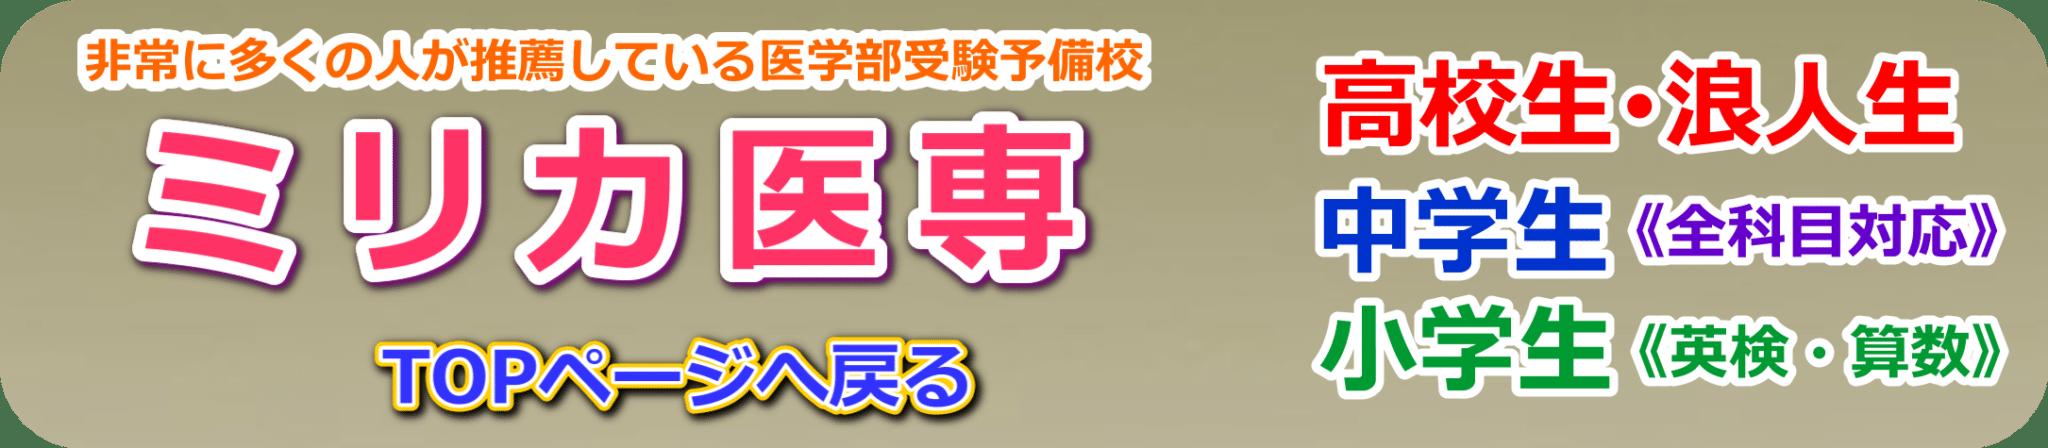 大阪・京都・兵庫・滋賀・おすすめの医学部受験予備校・安い・ミリカ医専